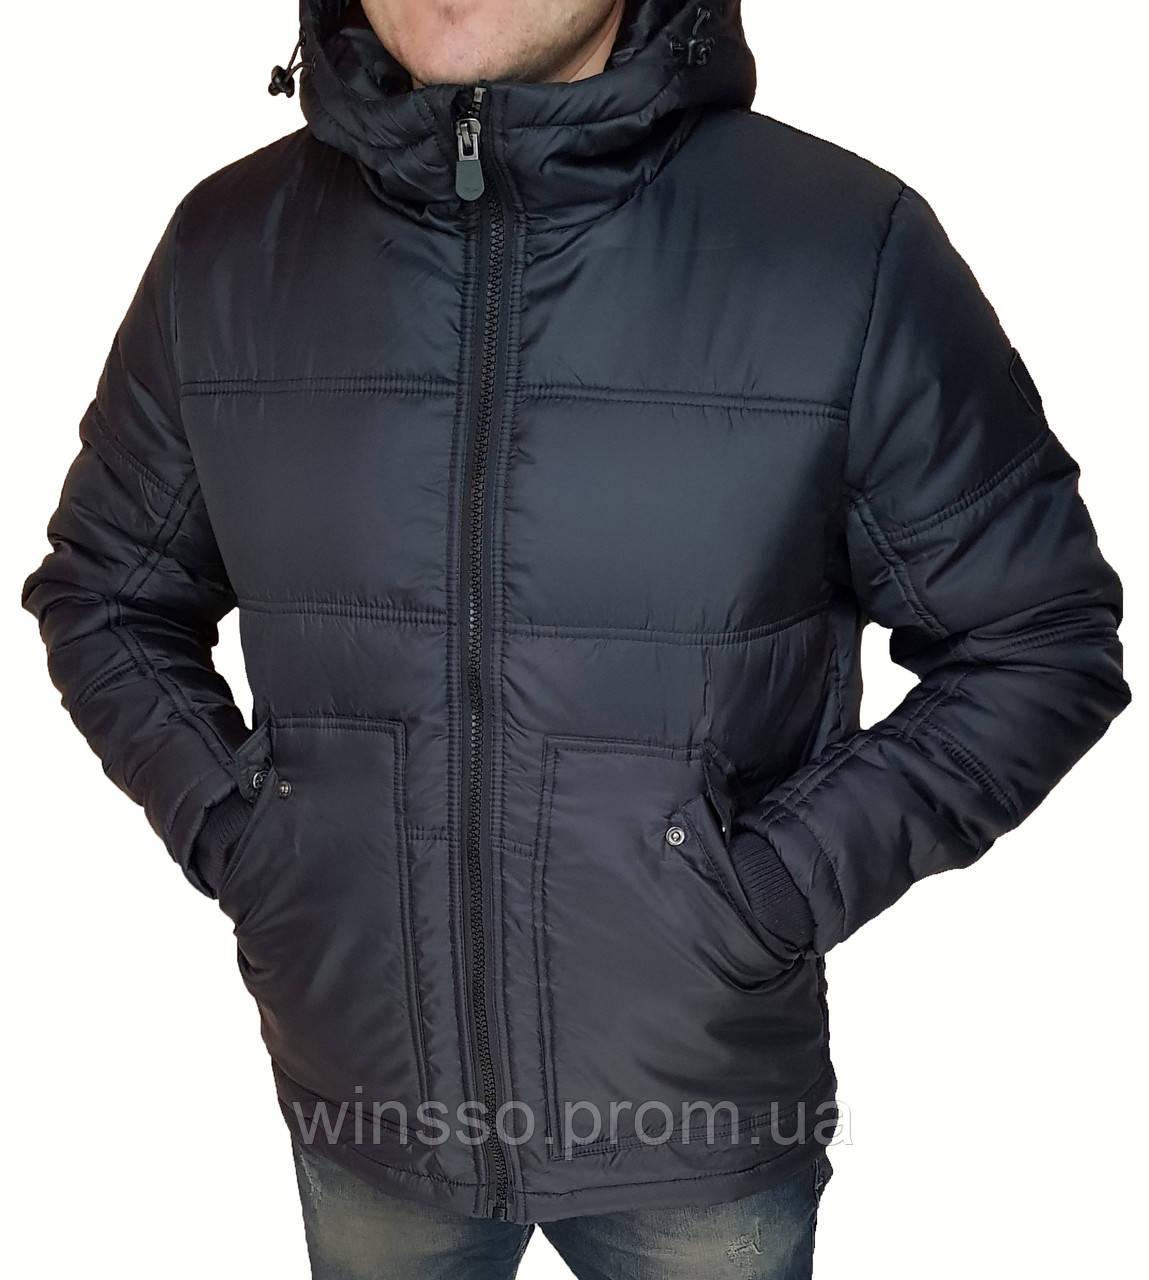 Куртка мужская 1608